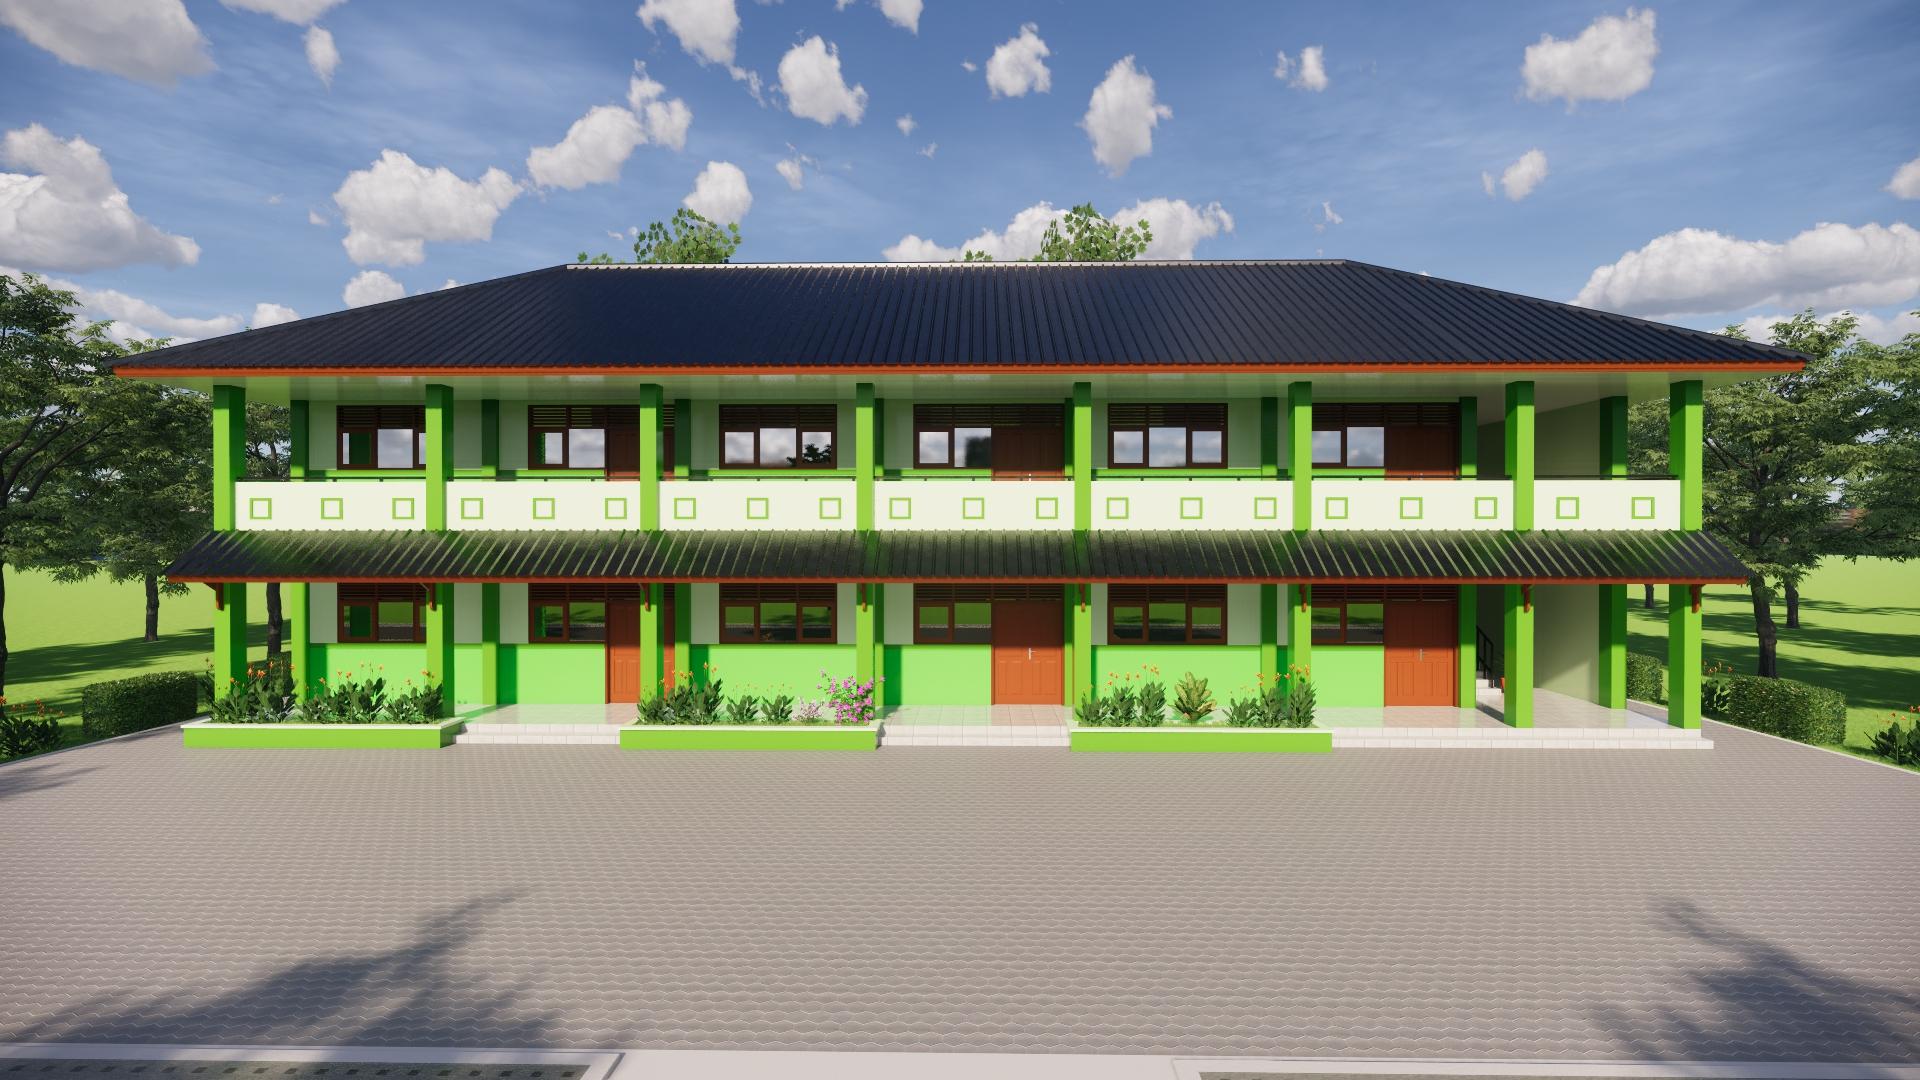 Gedung Baru Tampak Depan